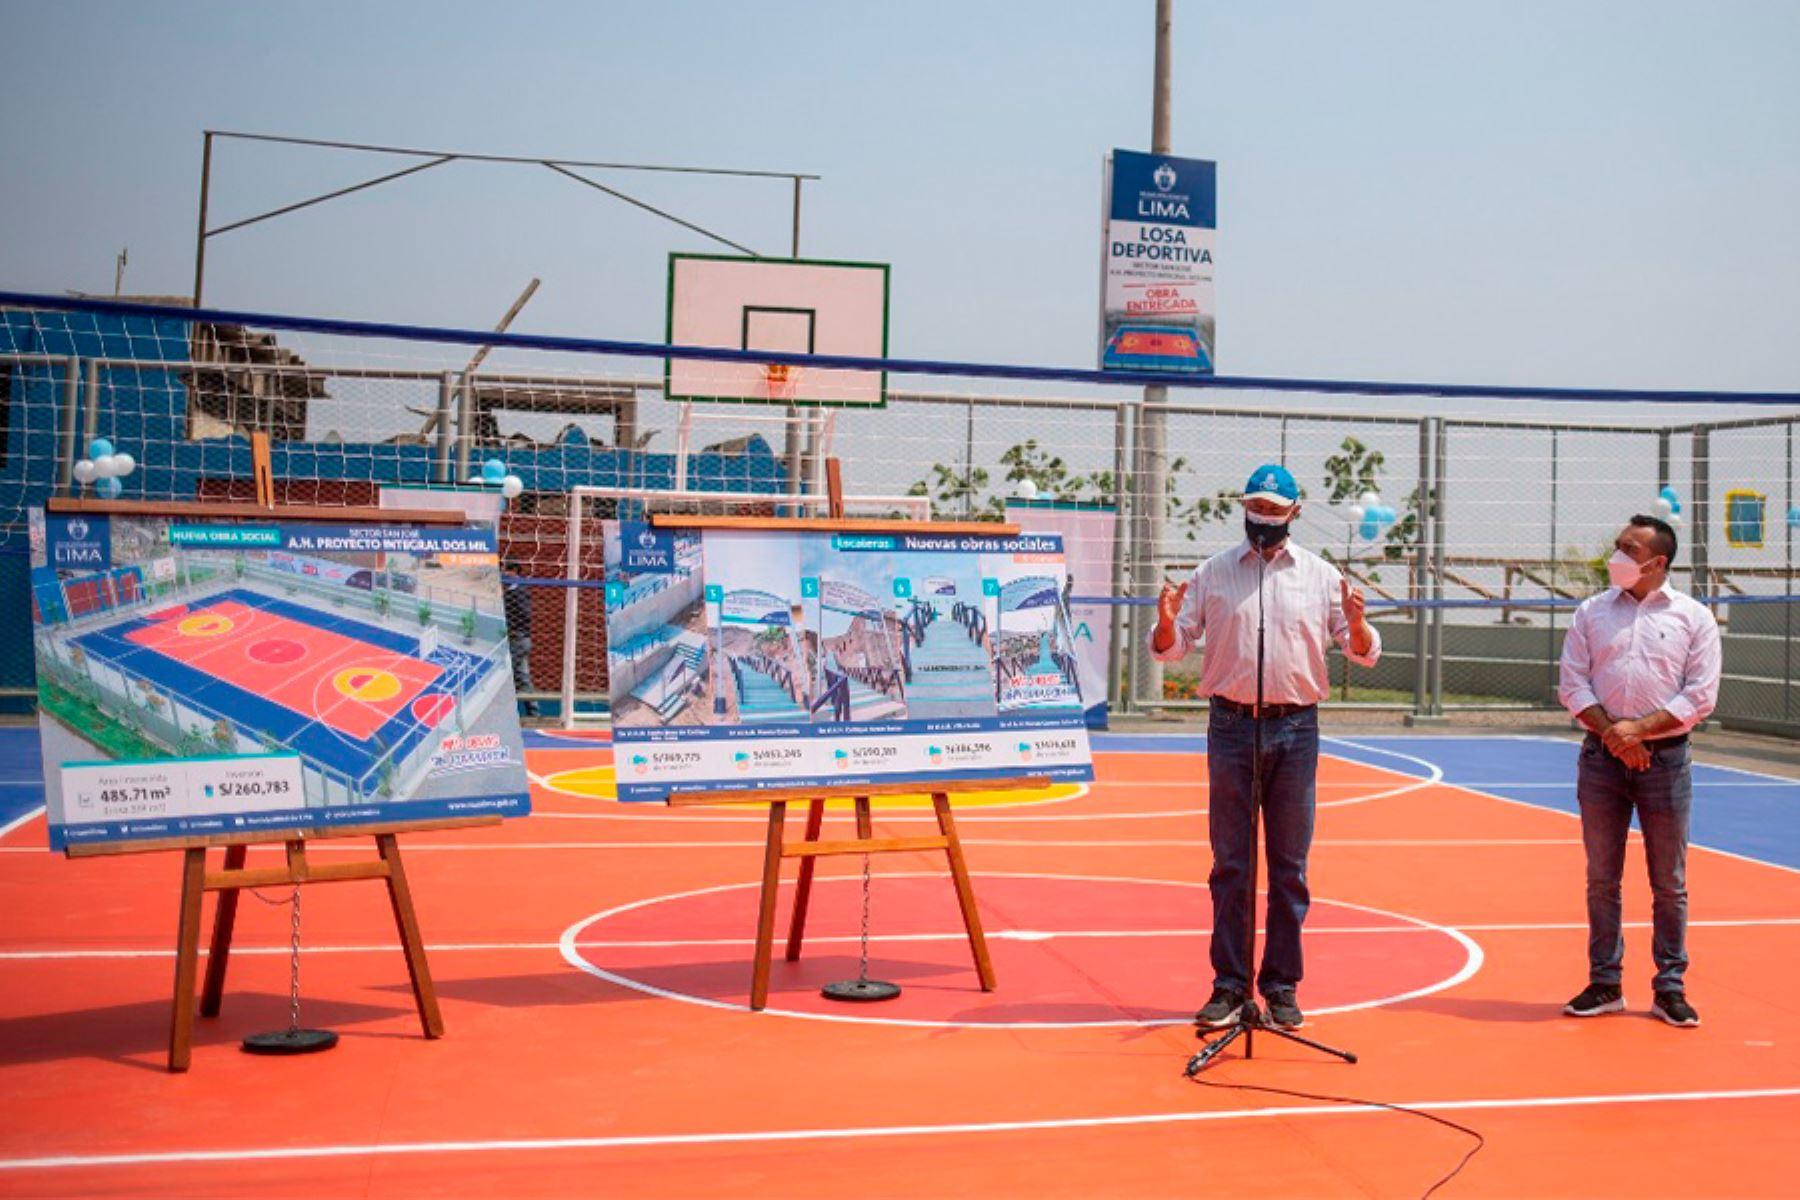 Infraestructuras permiten ampliar los espacios públicos y mejorar la conectividad peatonal en zonas de escasos recursos de Lima norte. Foto: ANDINA/Municipalidad de Lima